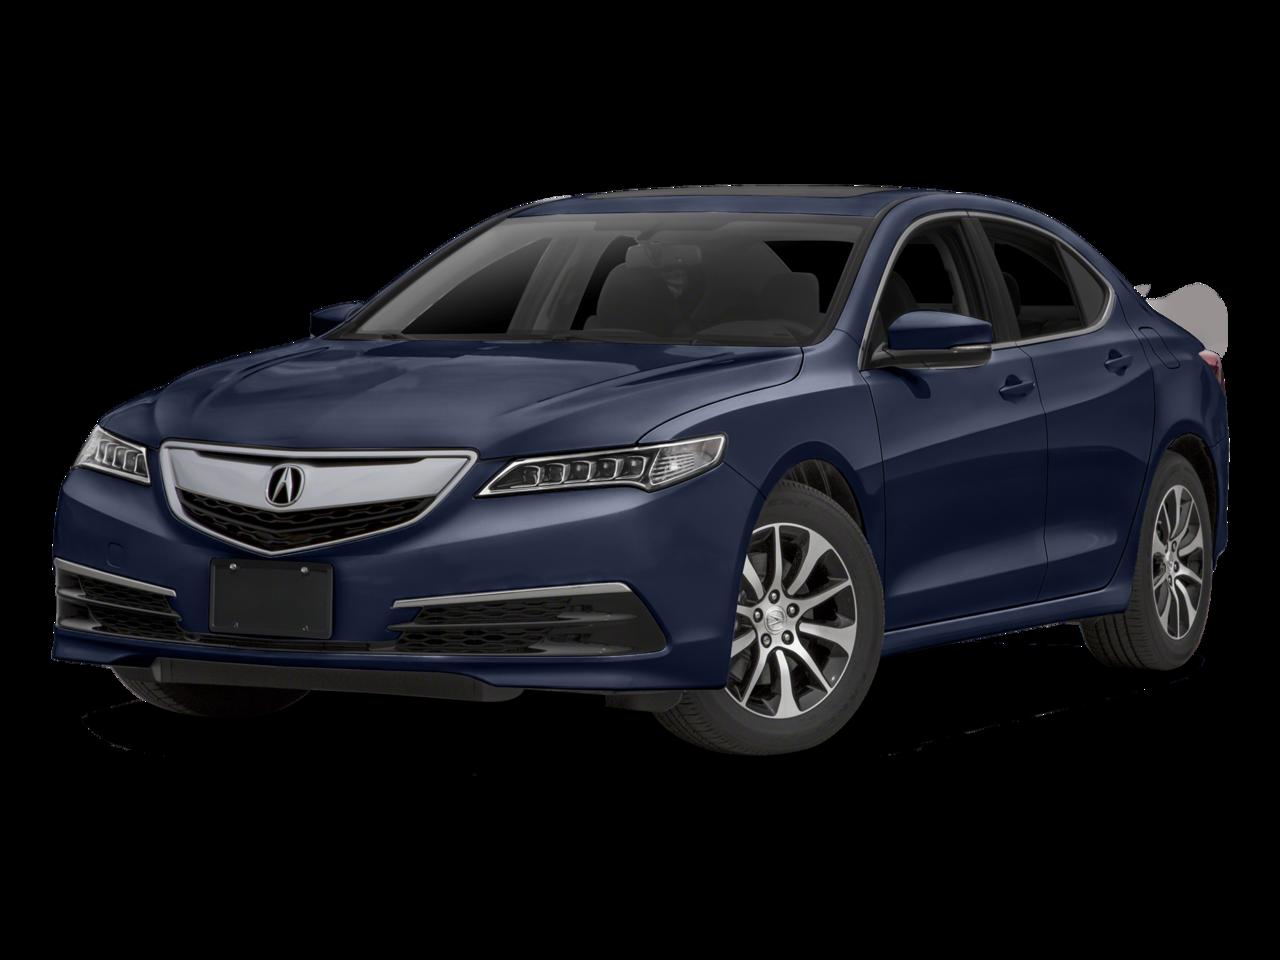 2016 Acura TLX - Springfield Acura